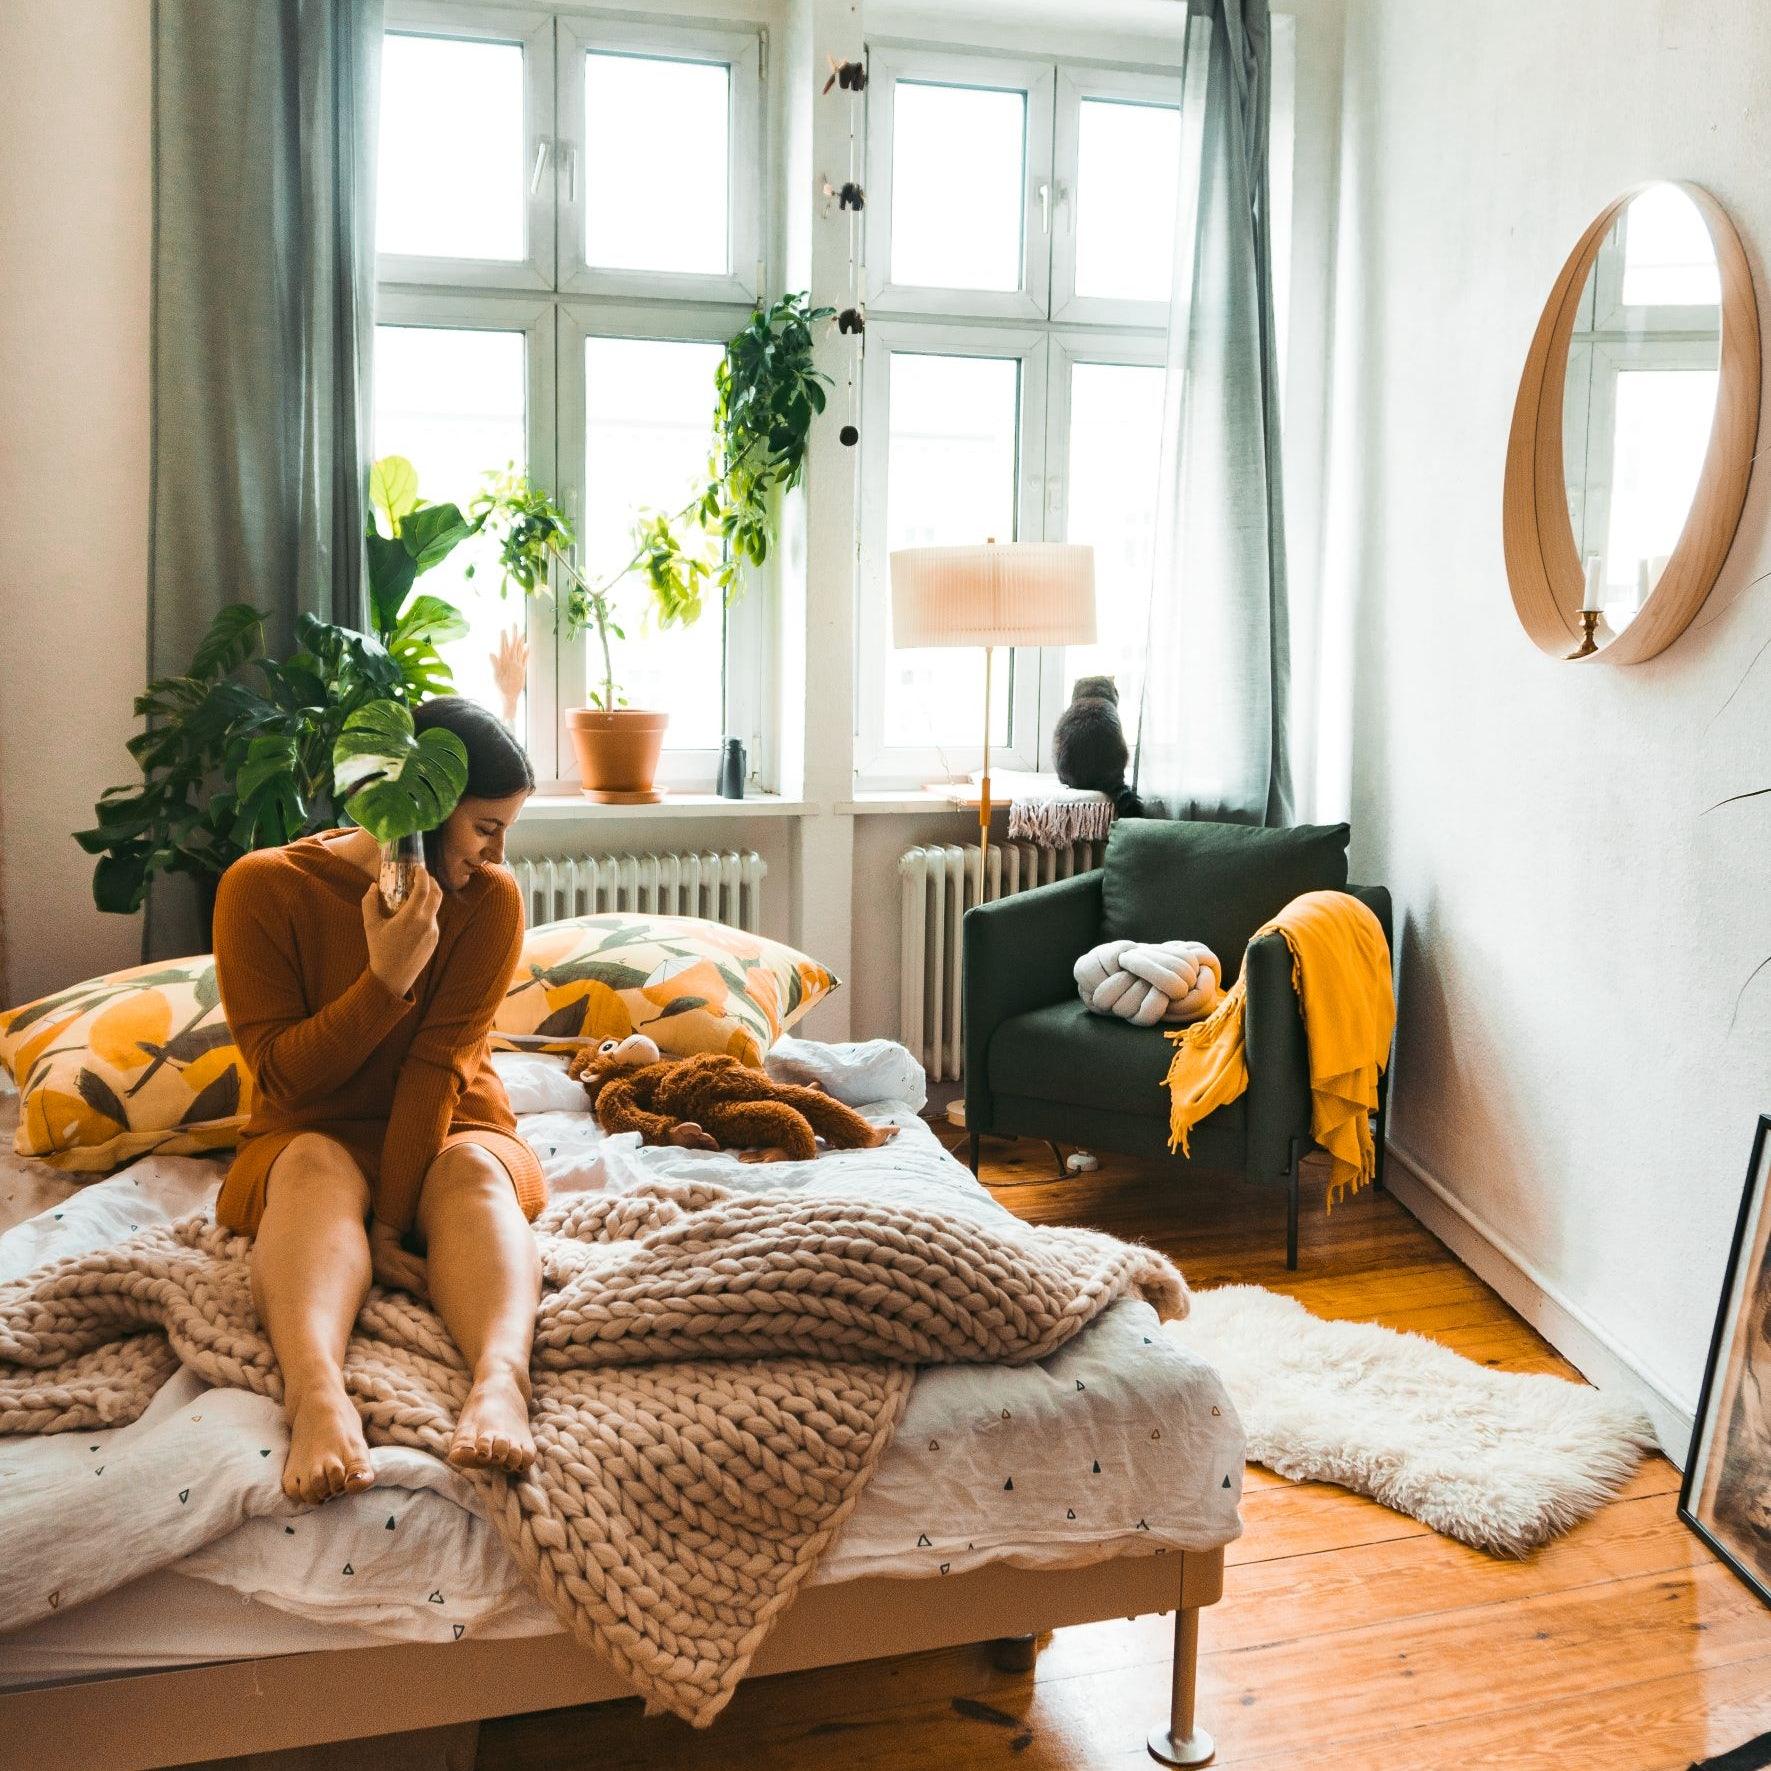 Frau sitzt auf einem Bett mit einem Blatt in der Hand